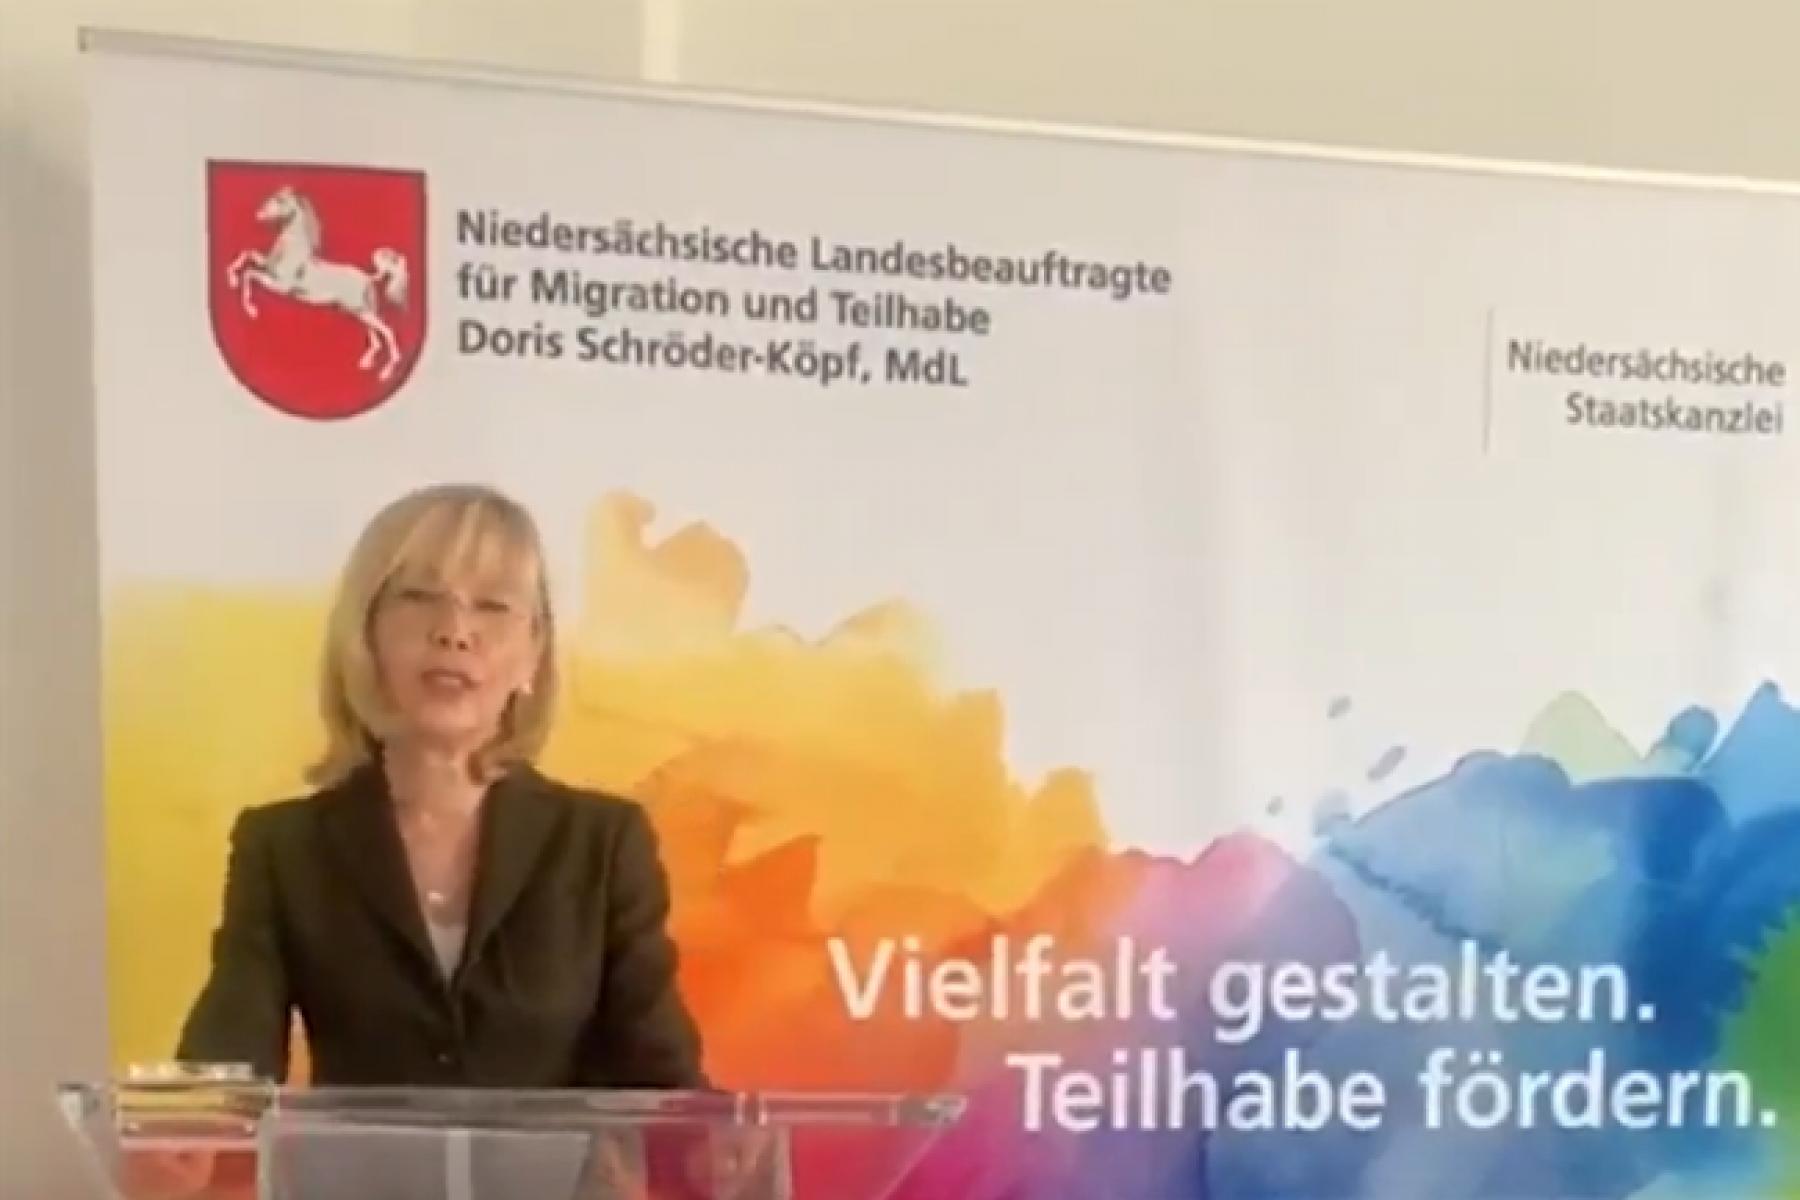 Videostill Doris Schröder-Köpf